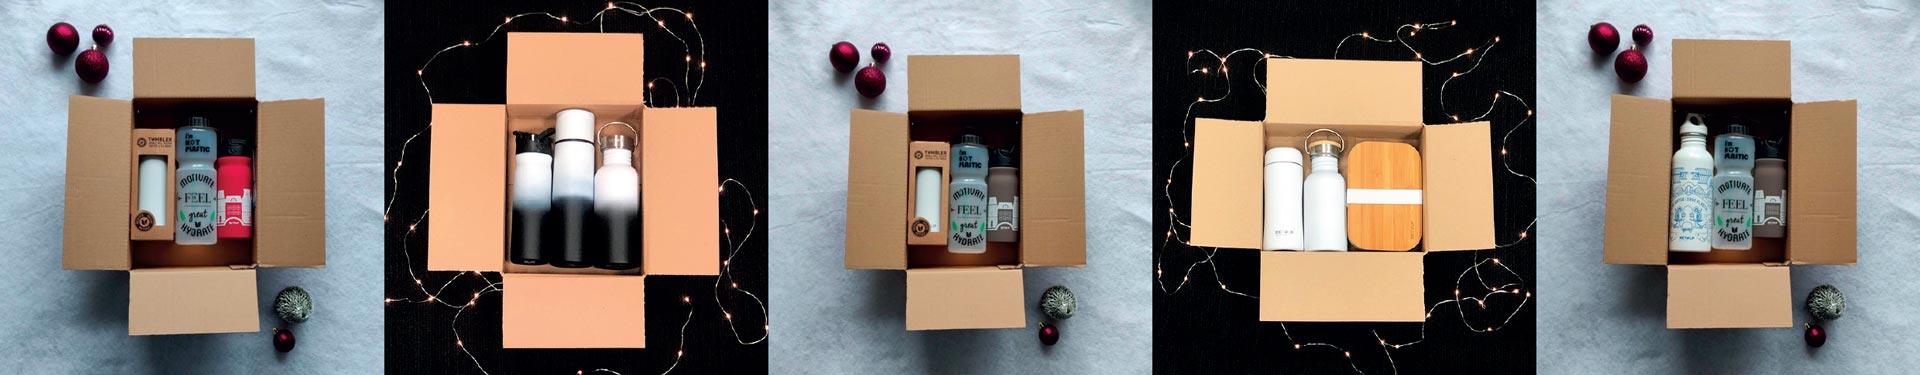 Merry Christmask Kerstpakketten voorbeelden